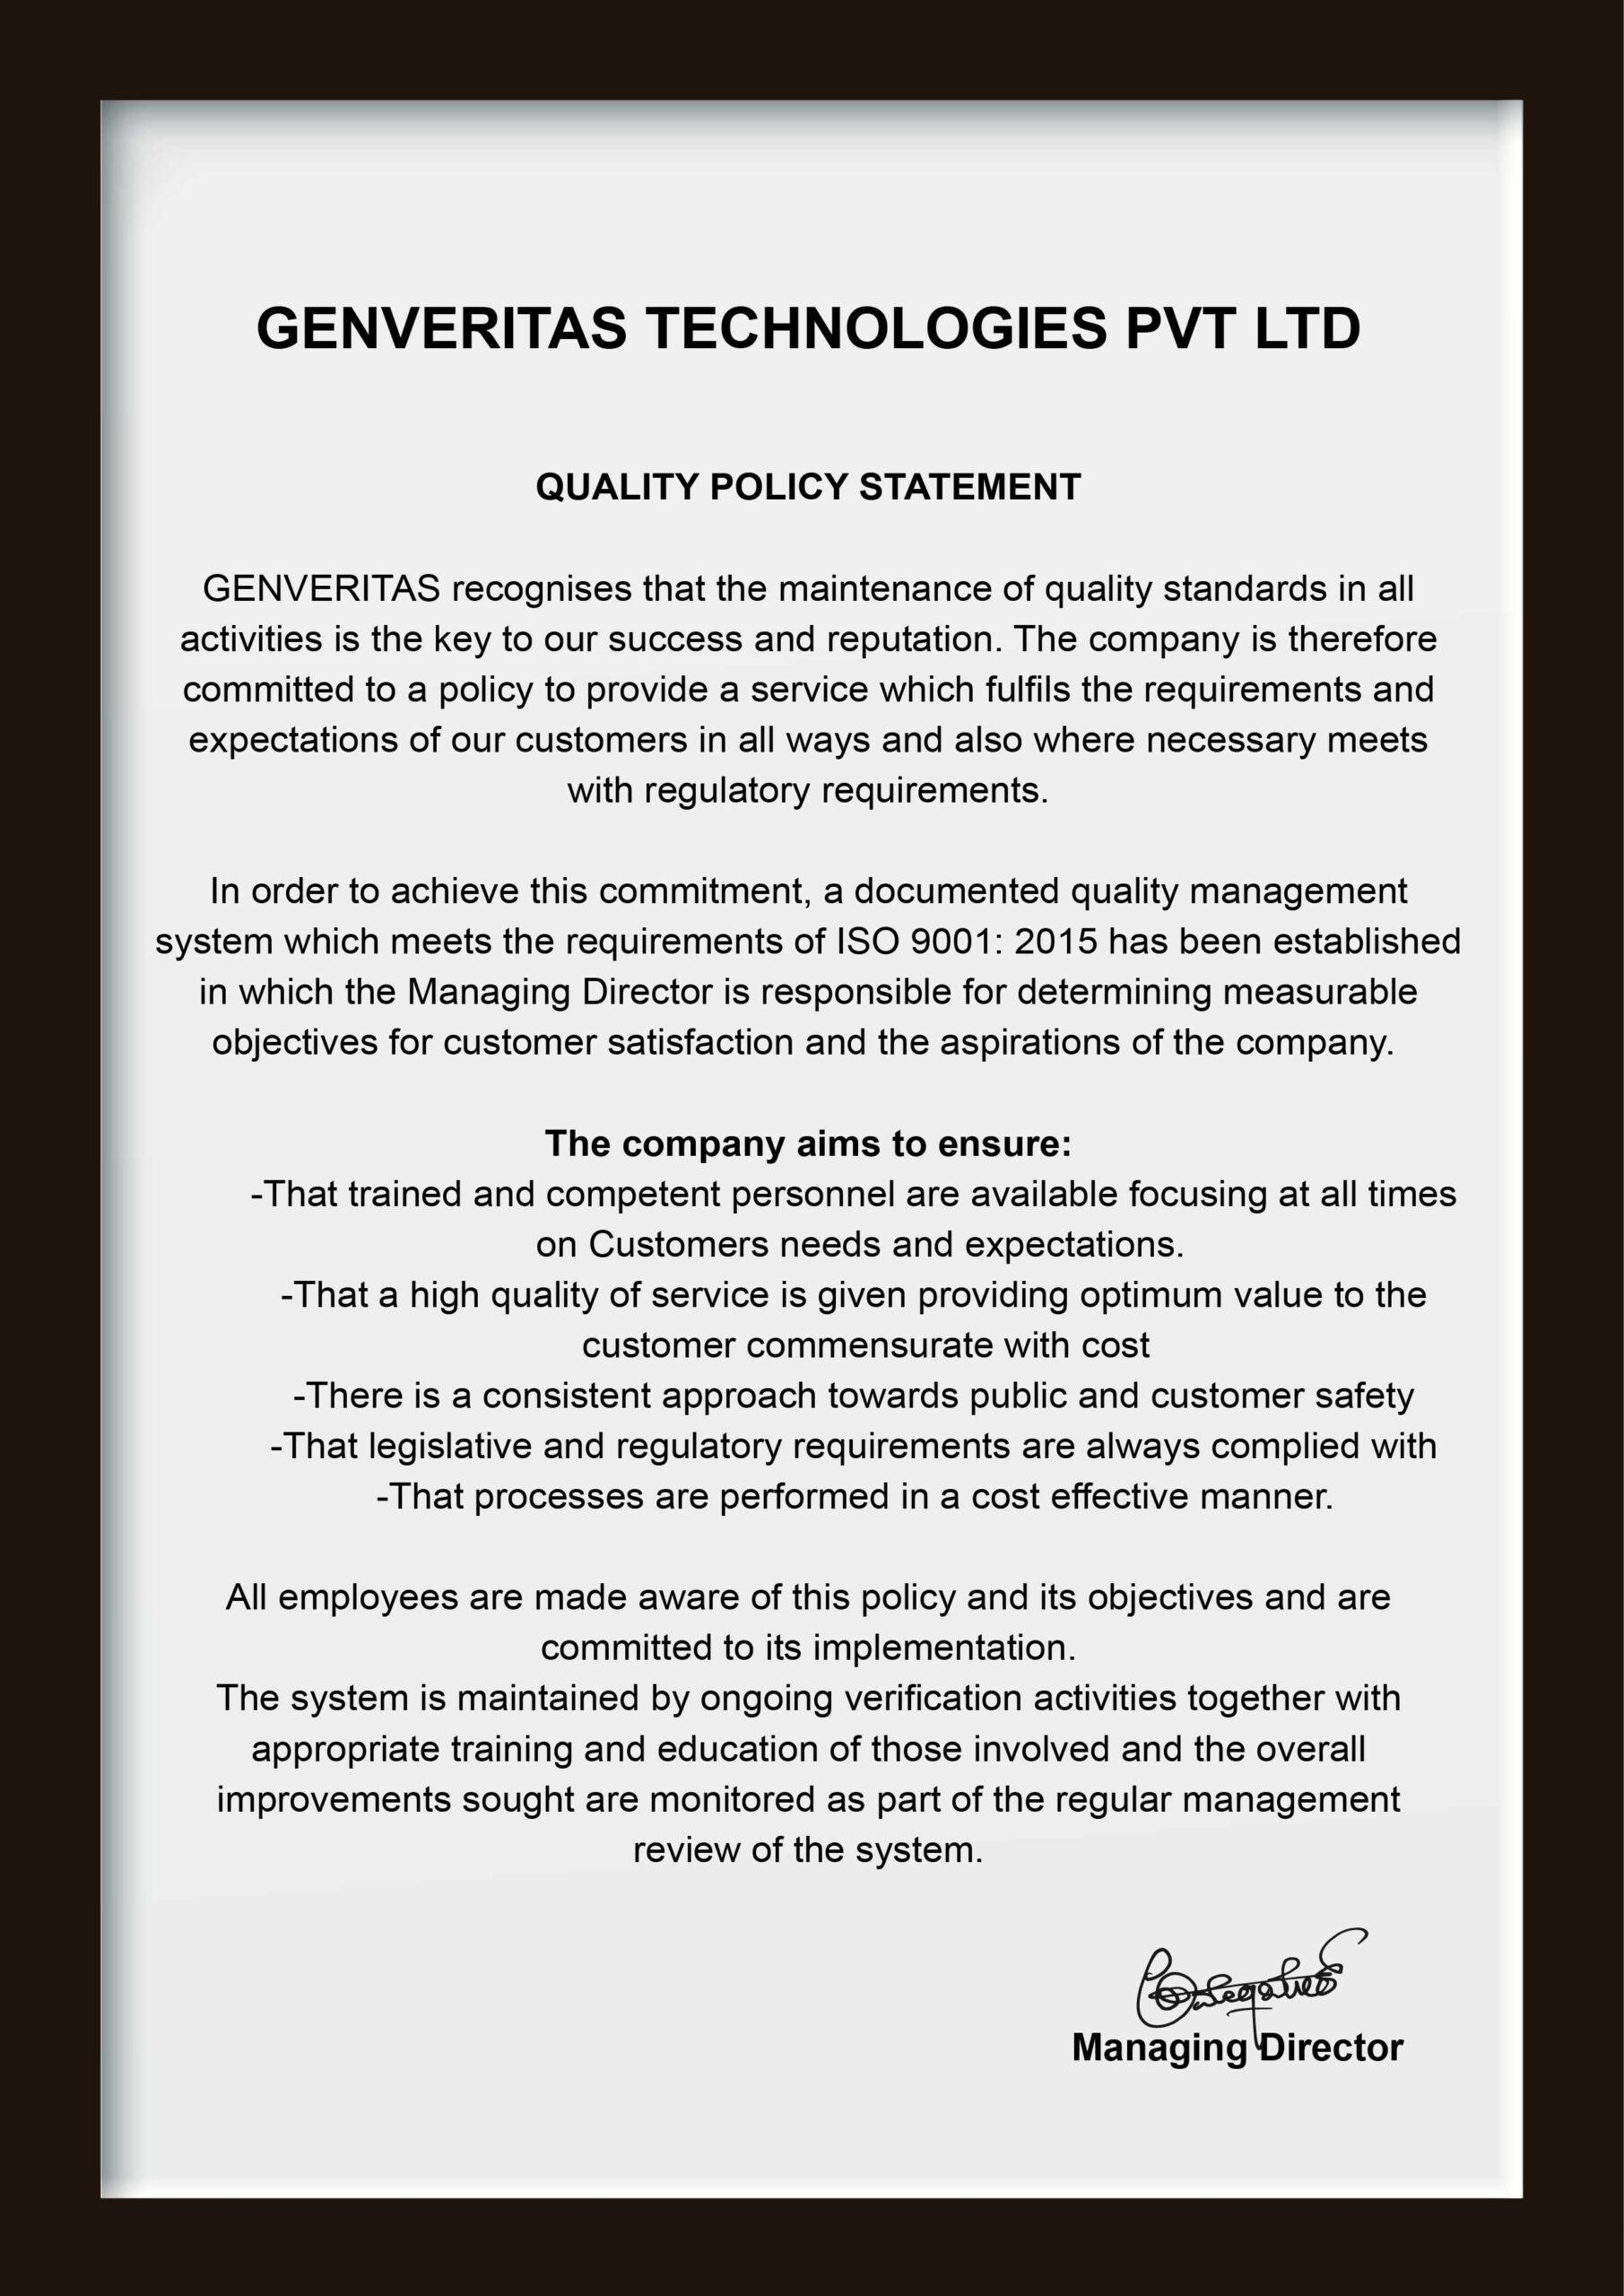 Genveritas Quality Policy